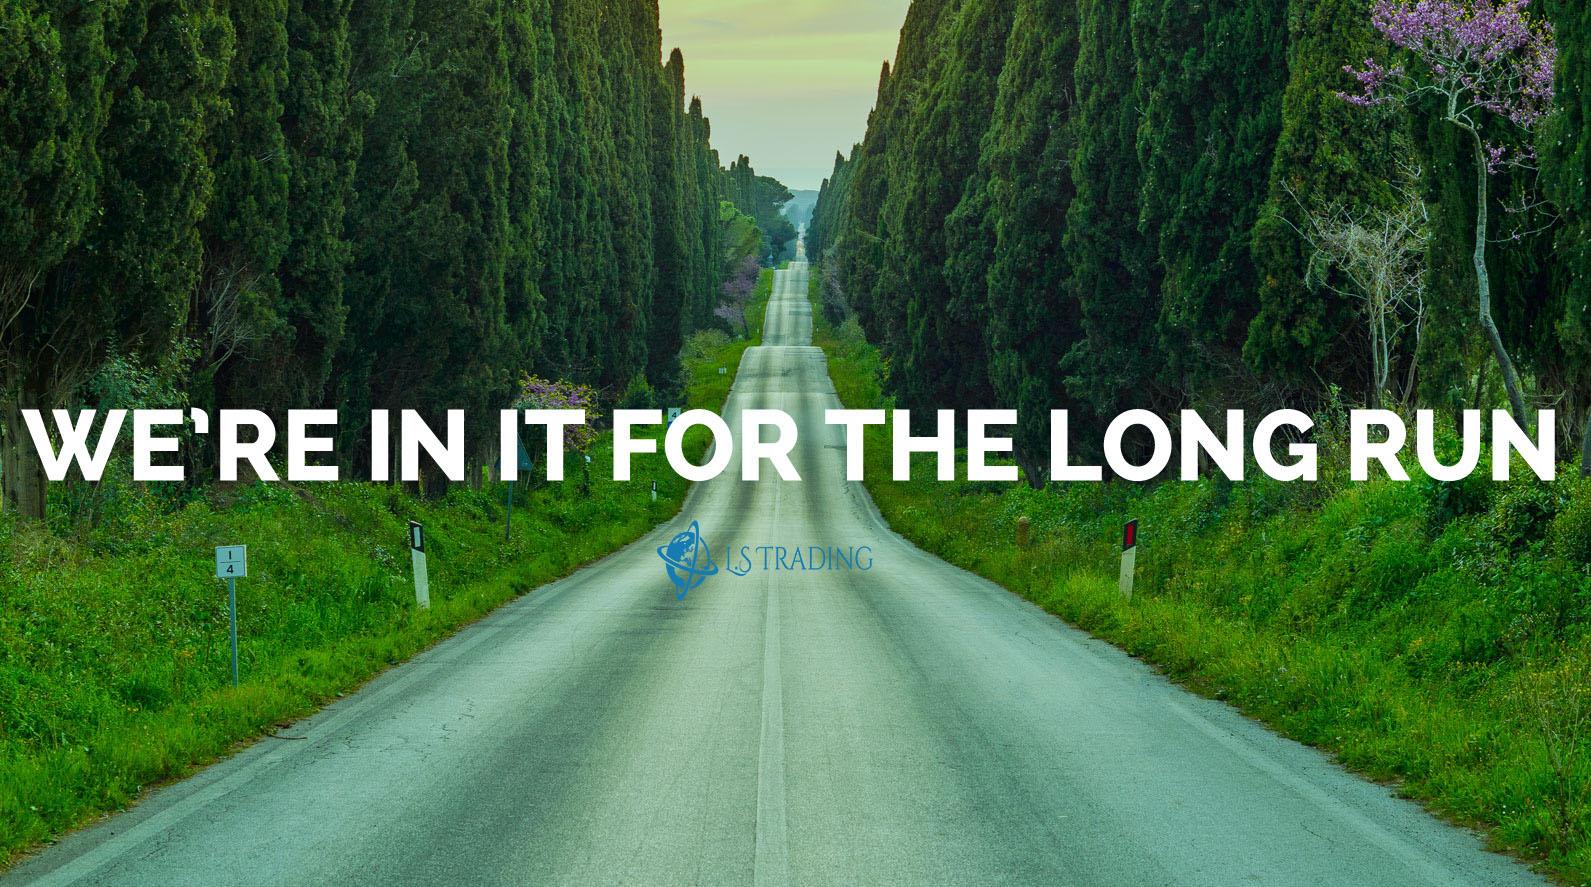 Tradingul este un maraton, nu un sprint